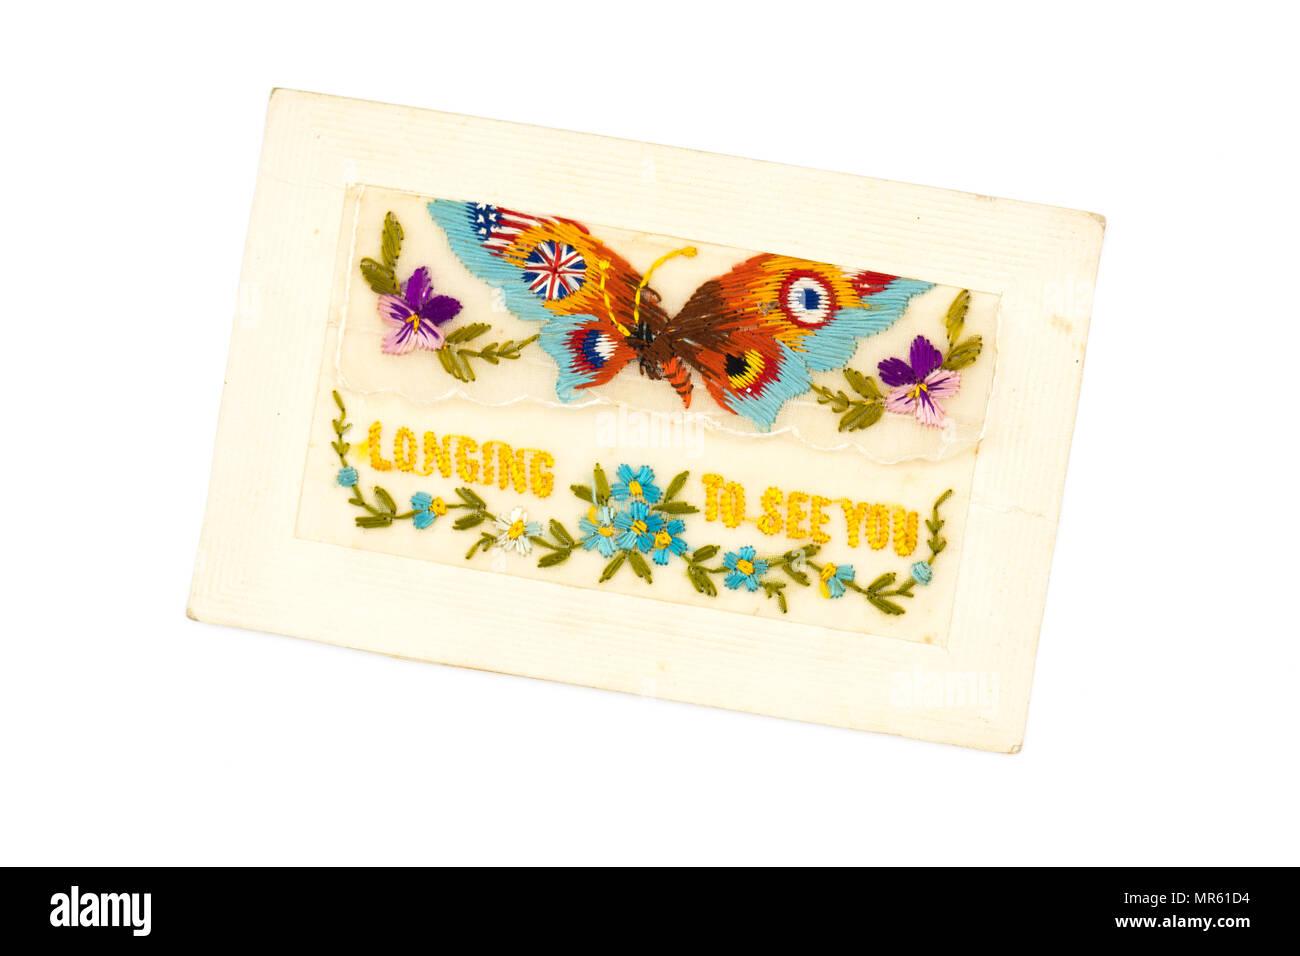 """Première Guerre mondiale carte postale de soie brodée main 'envie de vous voir"""" - voir l'image MR61FC pour le message écrit au dos Photo Stock"""